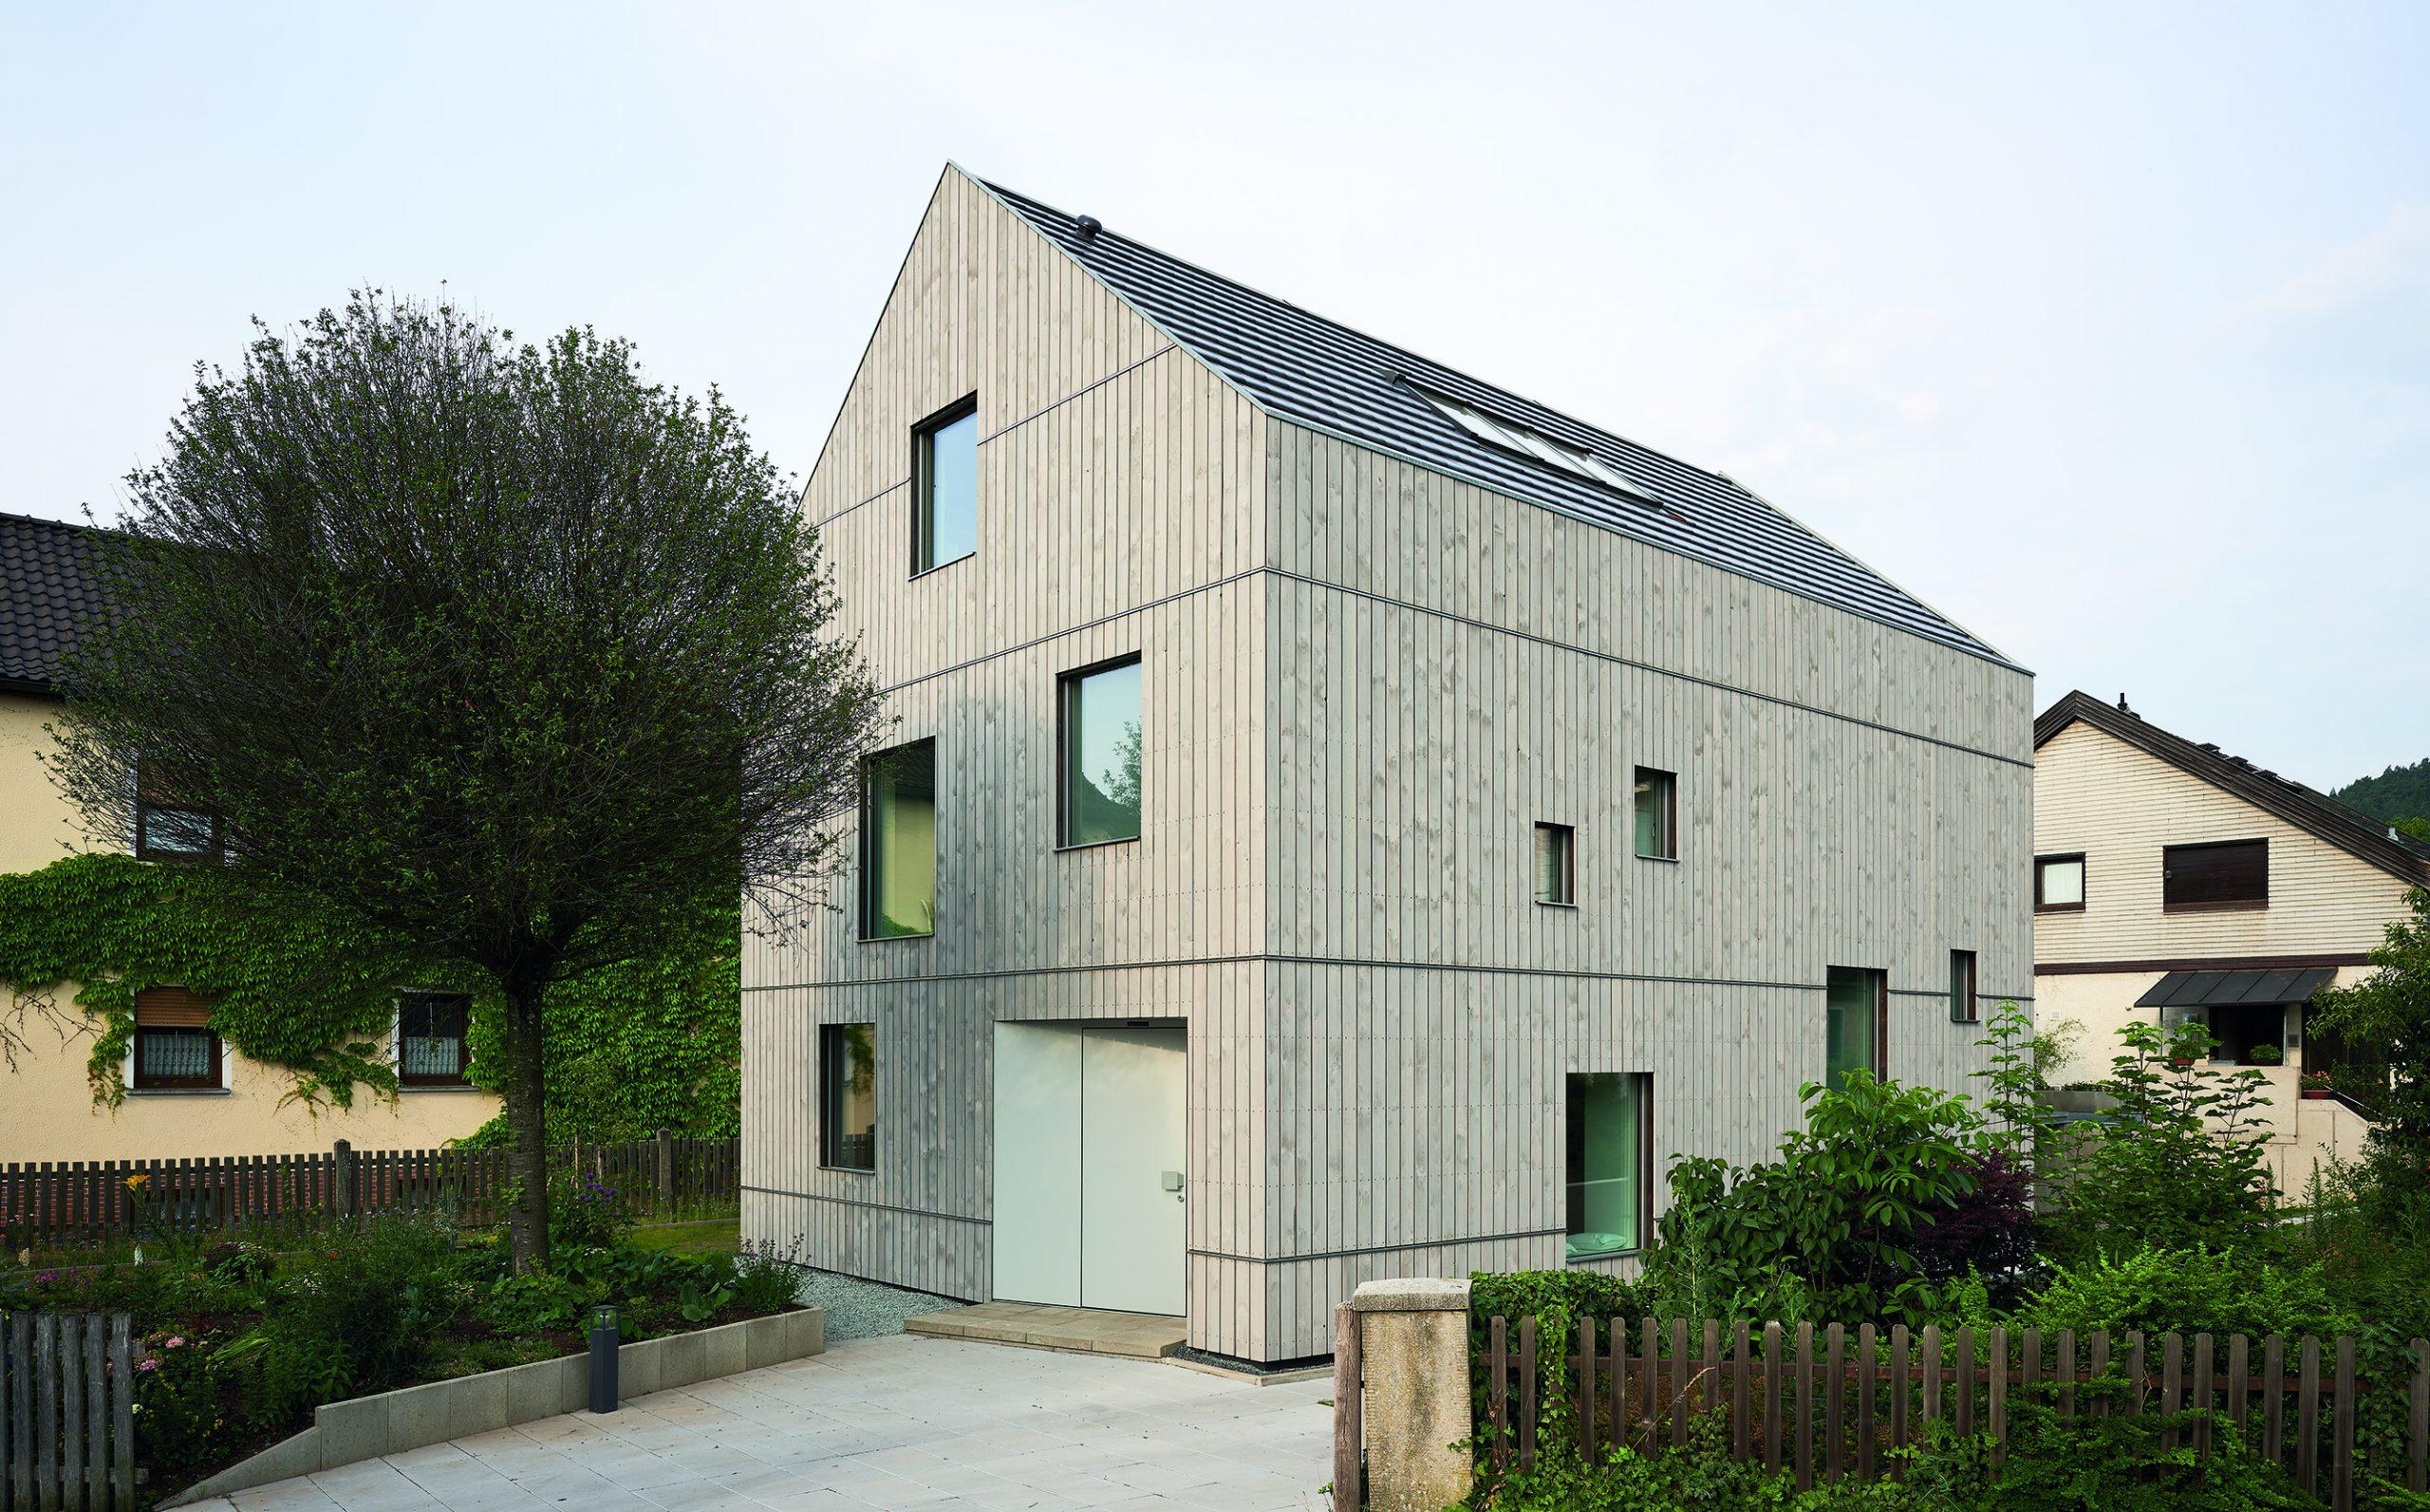 Graues Haus mit Holzfassade